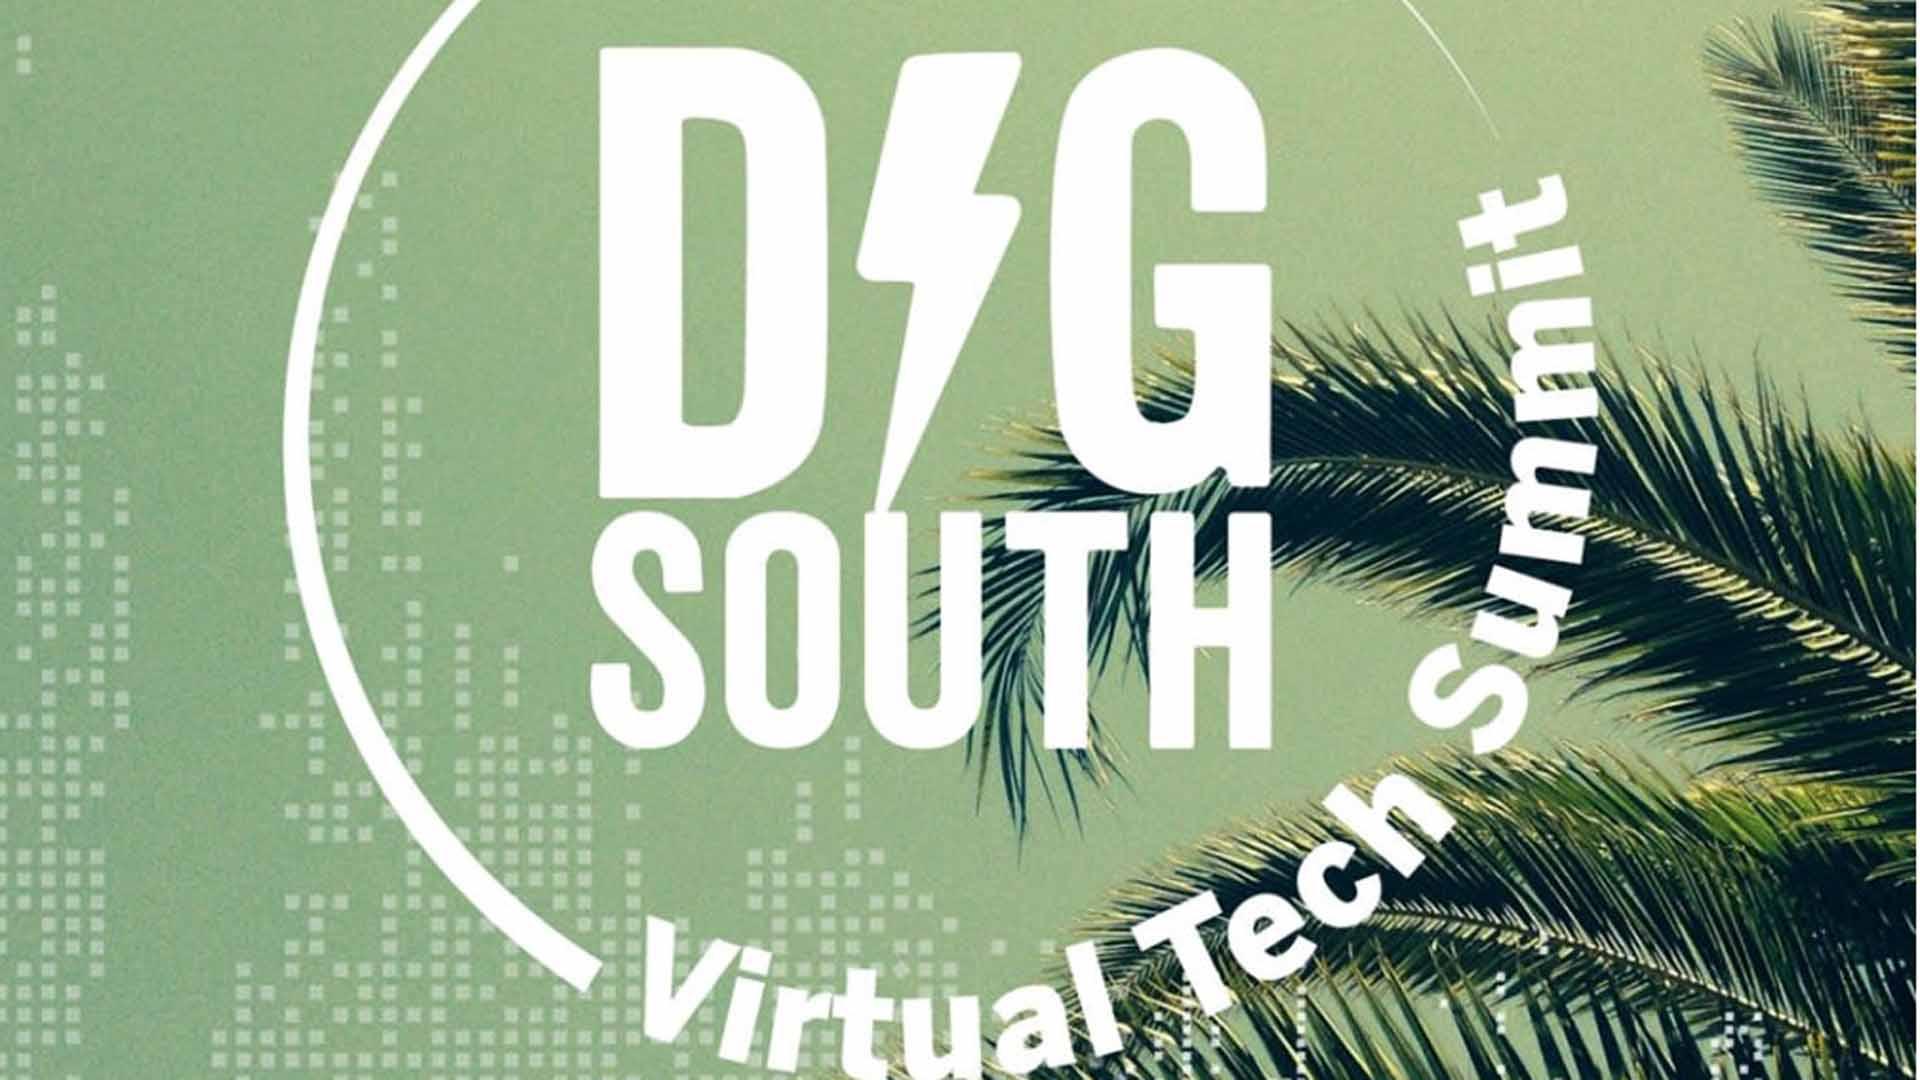 Audira's Stephen Kohler Presents at DIG South